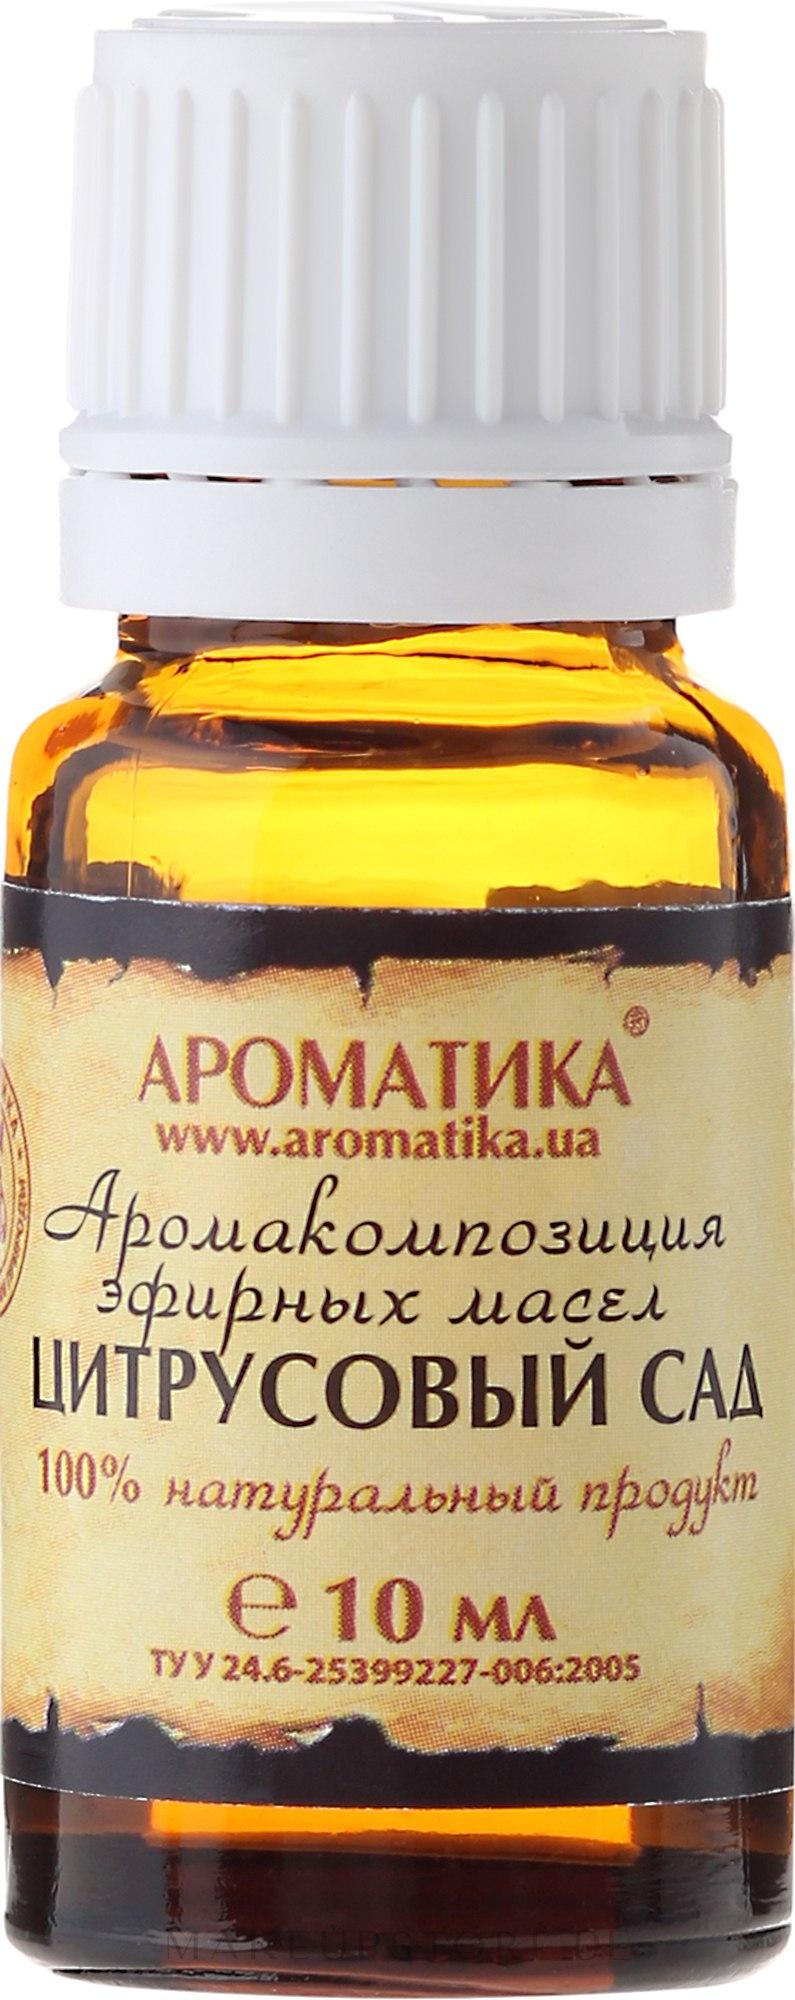 """Aromakomposition """"Zitrusgarten"""" - Aromatika — Bild 10 ml"""